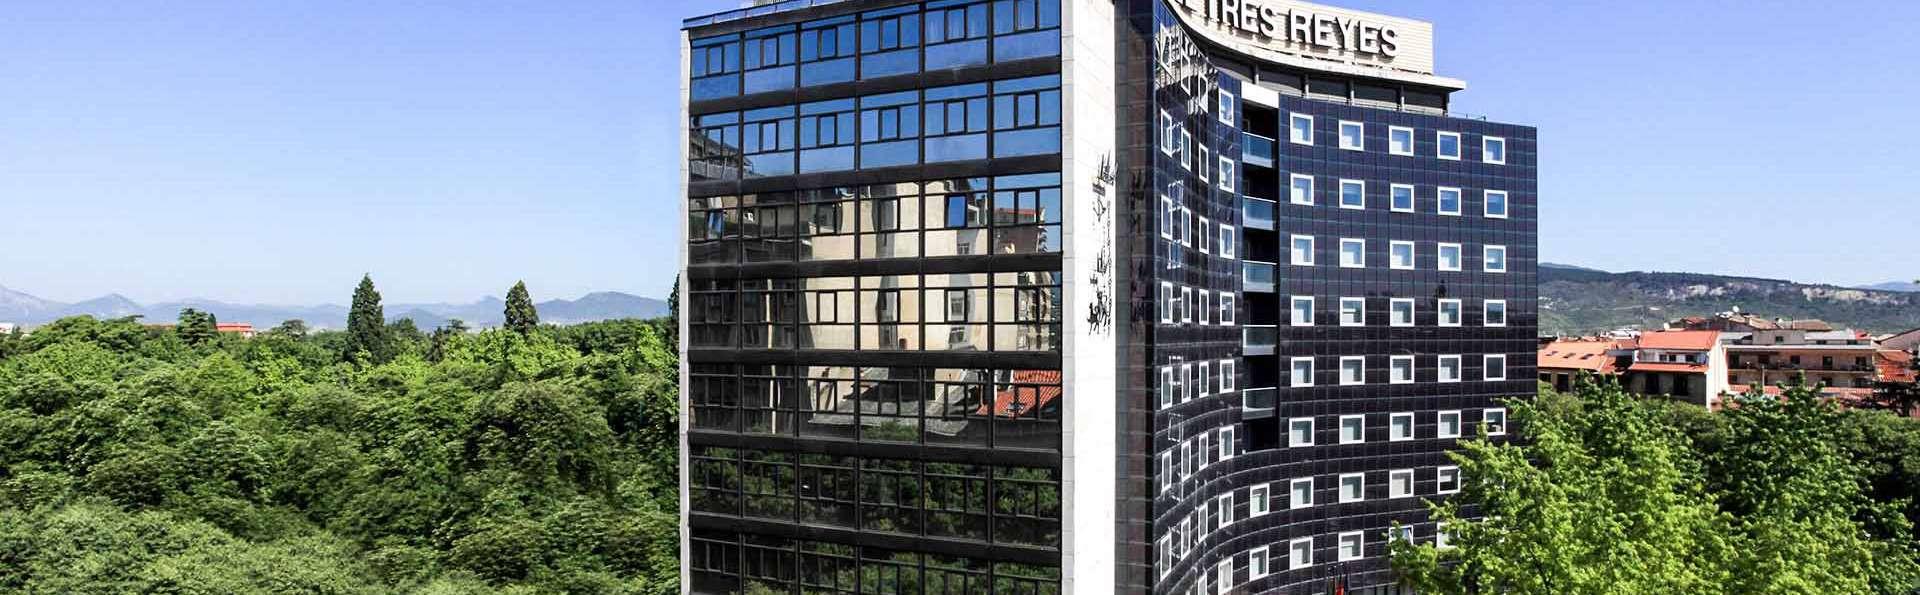 Hotel Tres Reyes  - EDIT_Hotel_Tres_Reyes_01.jpg